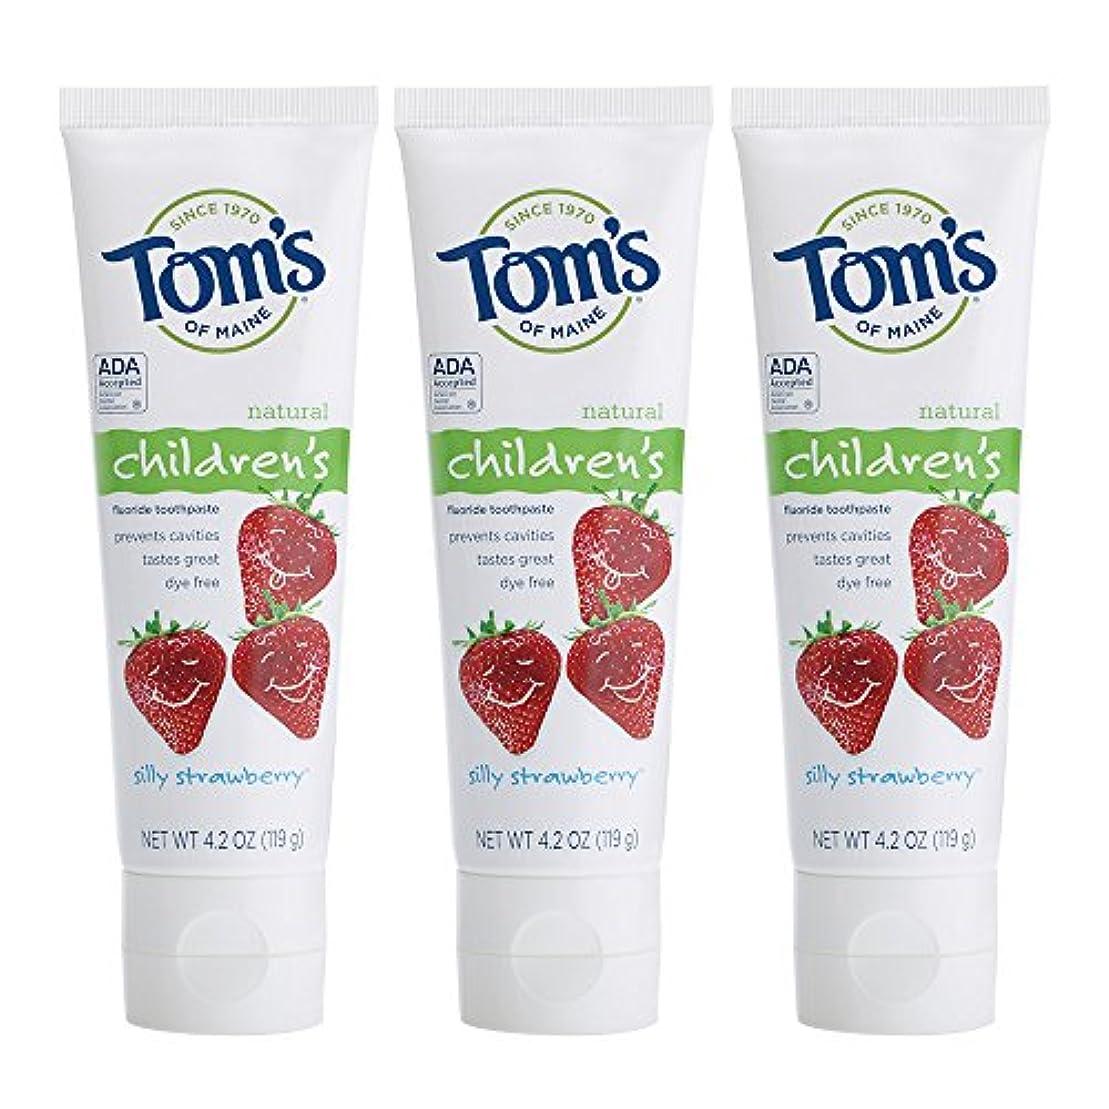 パースリス私のTom's of Maine, Natural Children's Fluoride Toothpaste, Silly Strawberry, 4.2 oz (119 g)